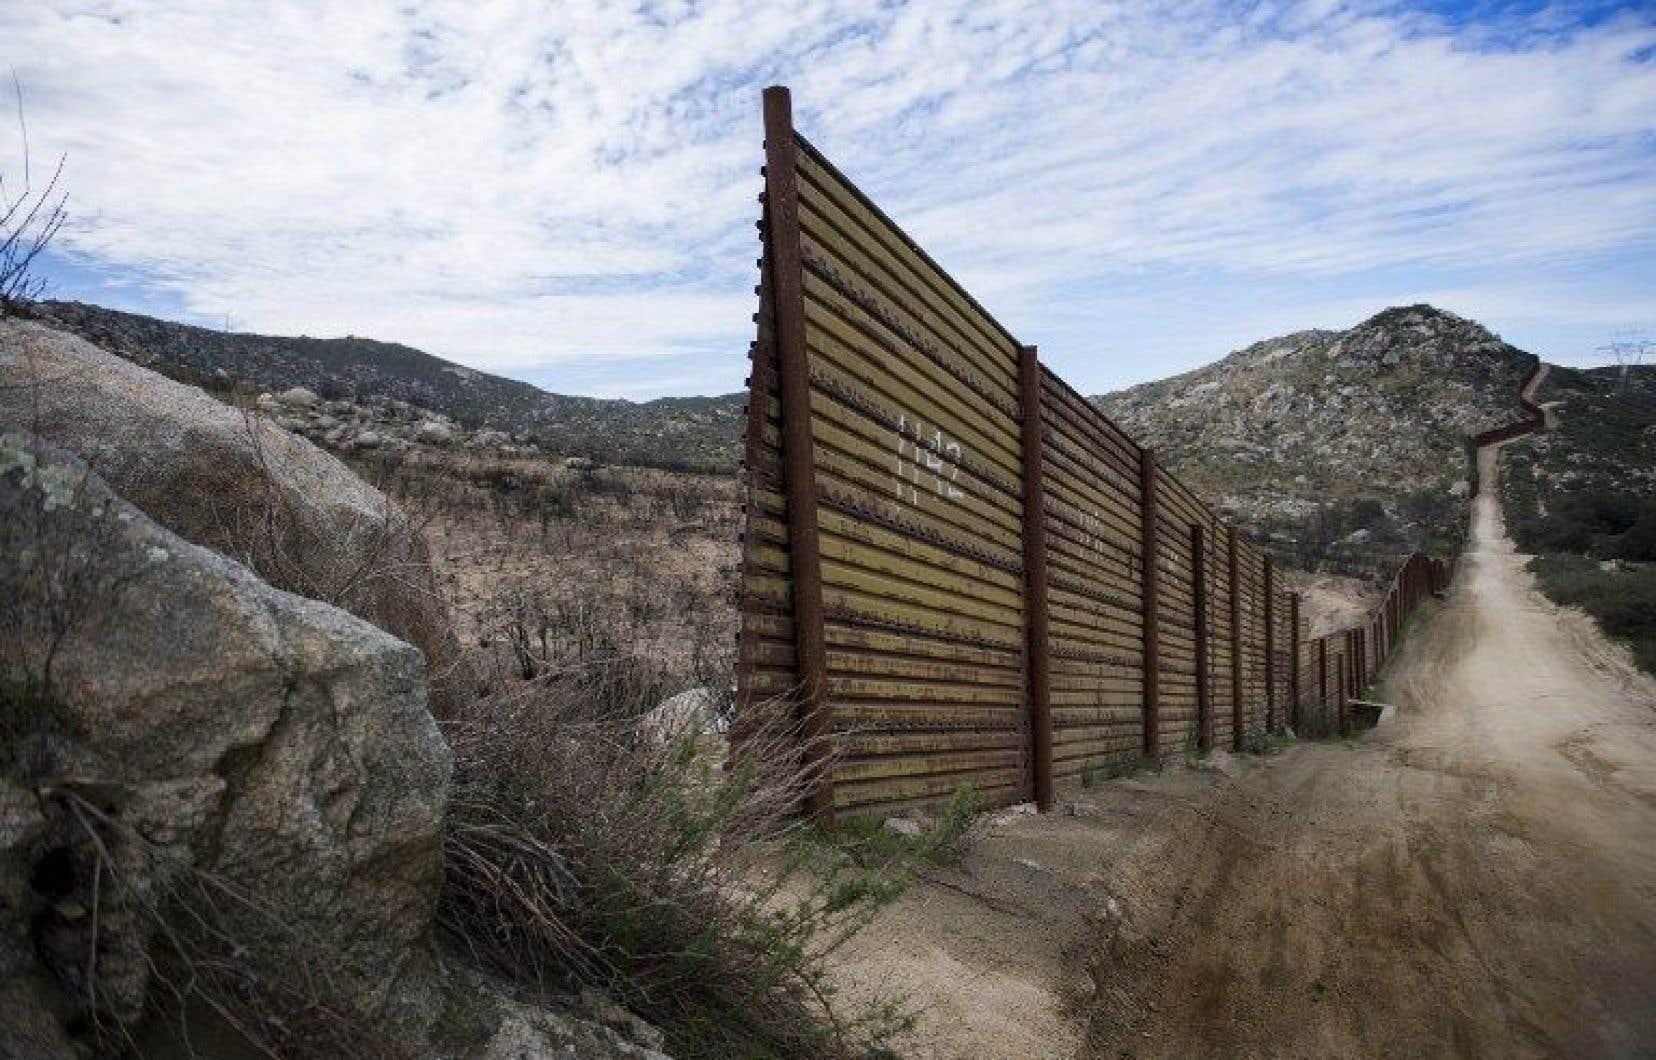 Donald Trump a signé un décret lançant la construction d'un mur anti-immigration de 1600km à la frontière mexicaine.